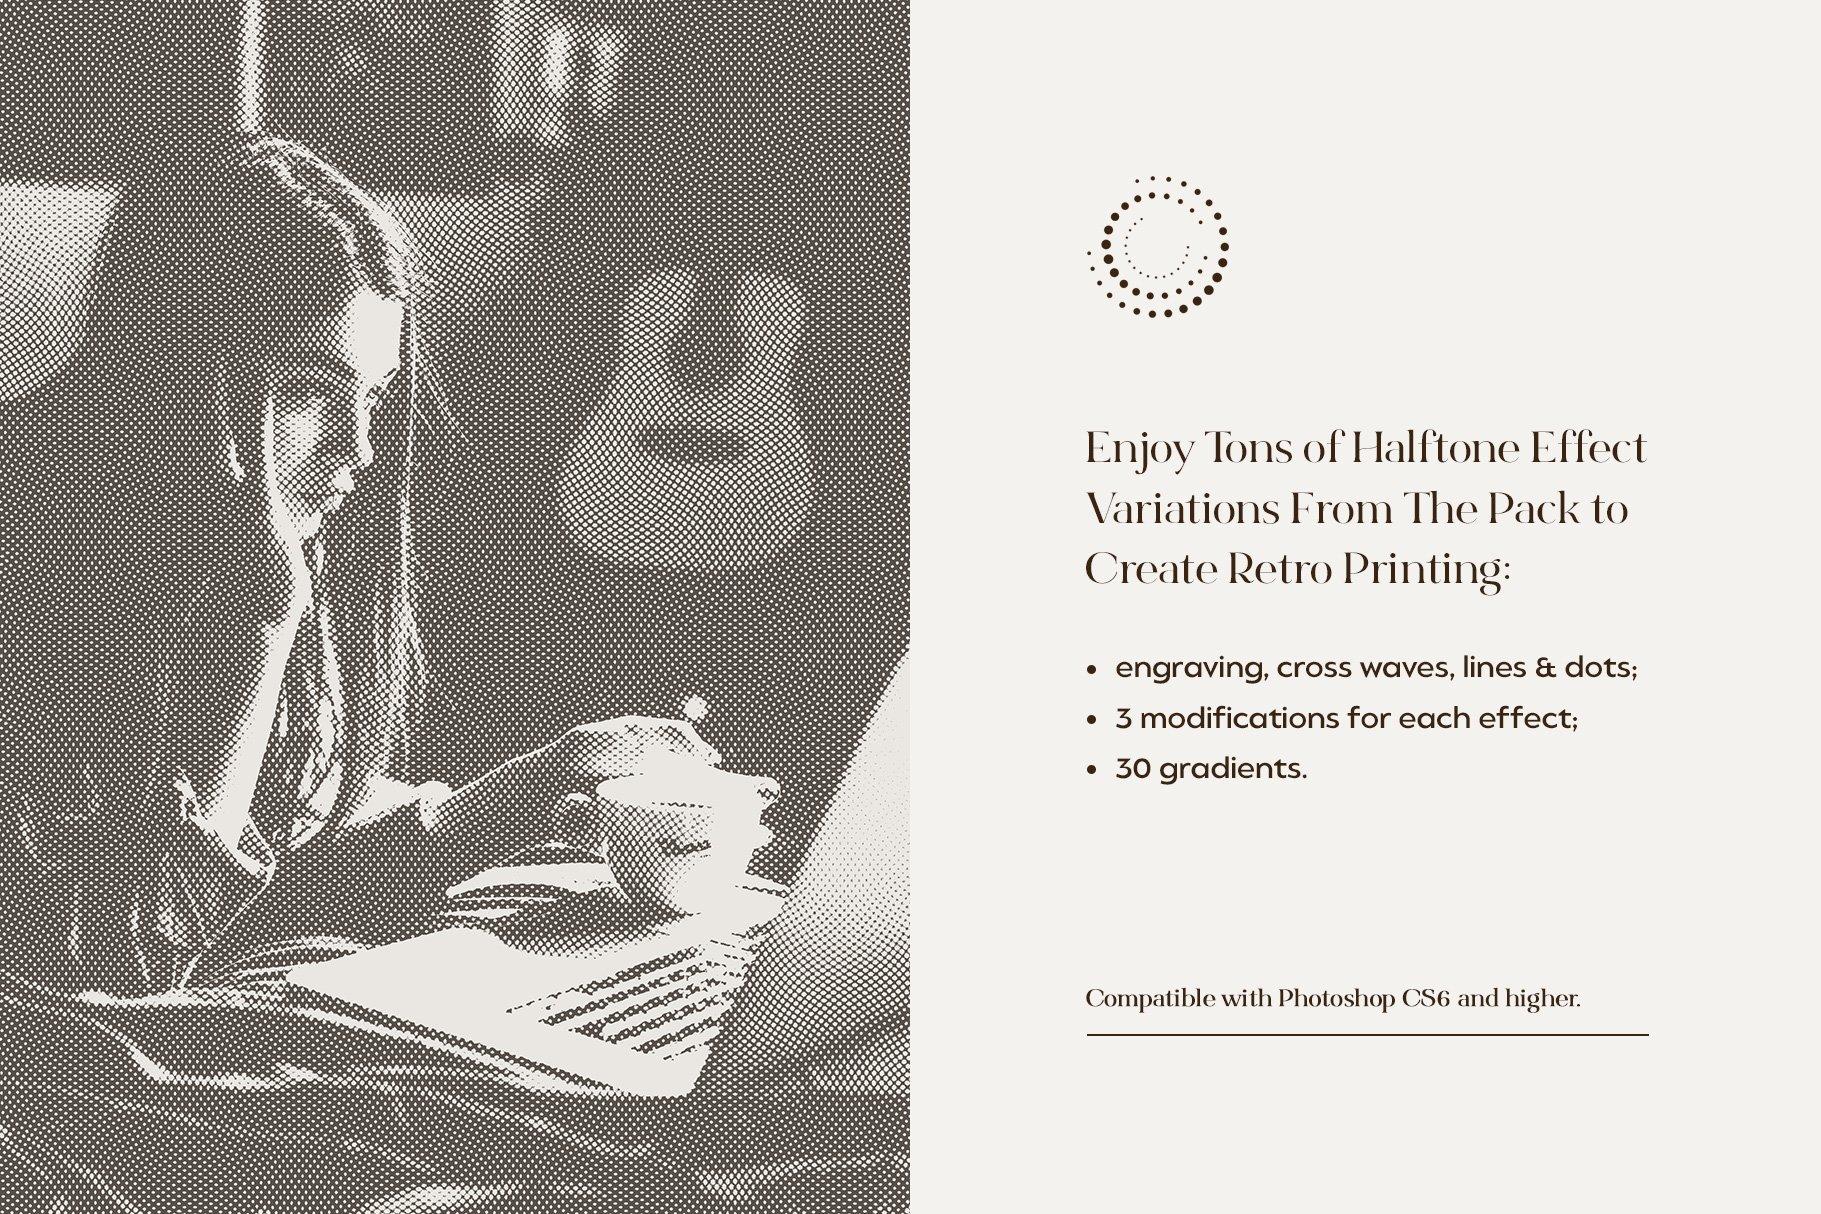 复古雕刻半调横纹波点效果Ps图片生成样式模板 Engraving & Halftone Effect Creator插图(1)